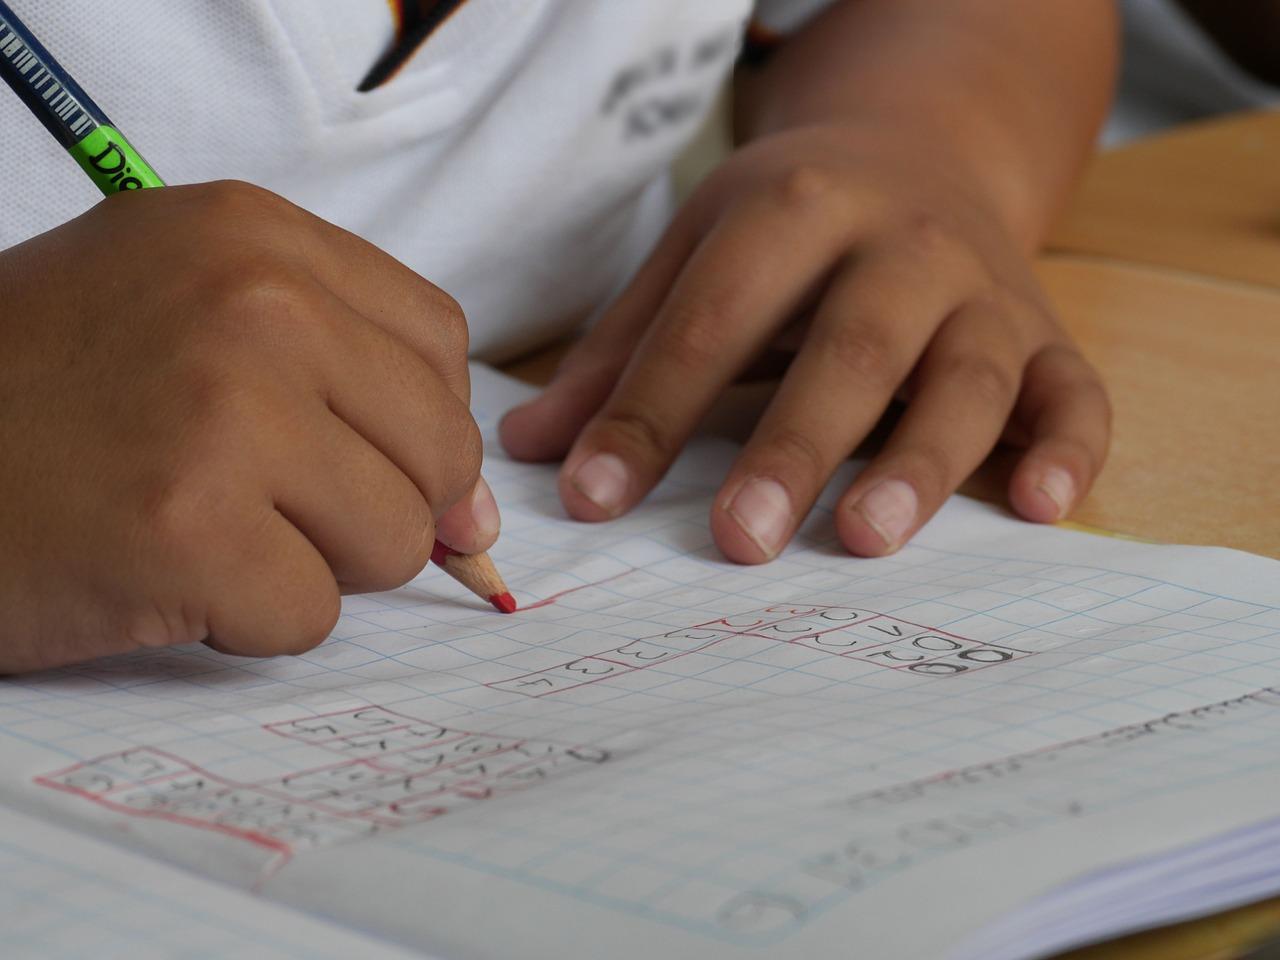 【年中】公文の宿題を嫌がる。やめようか迷う。